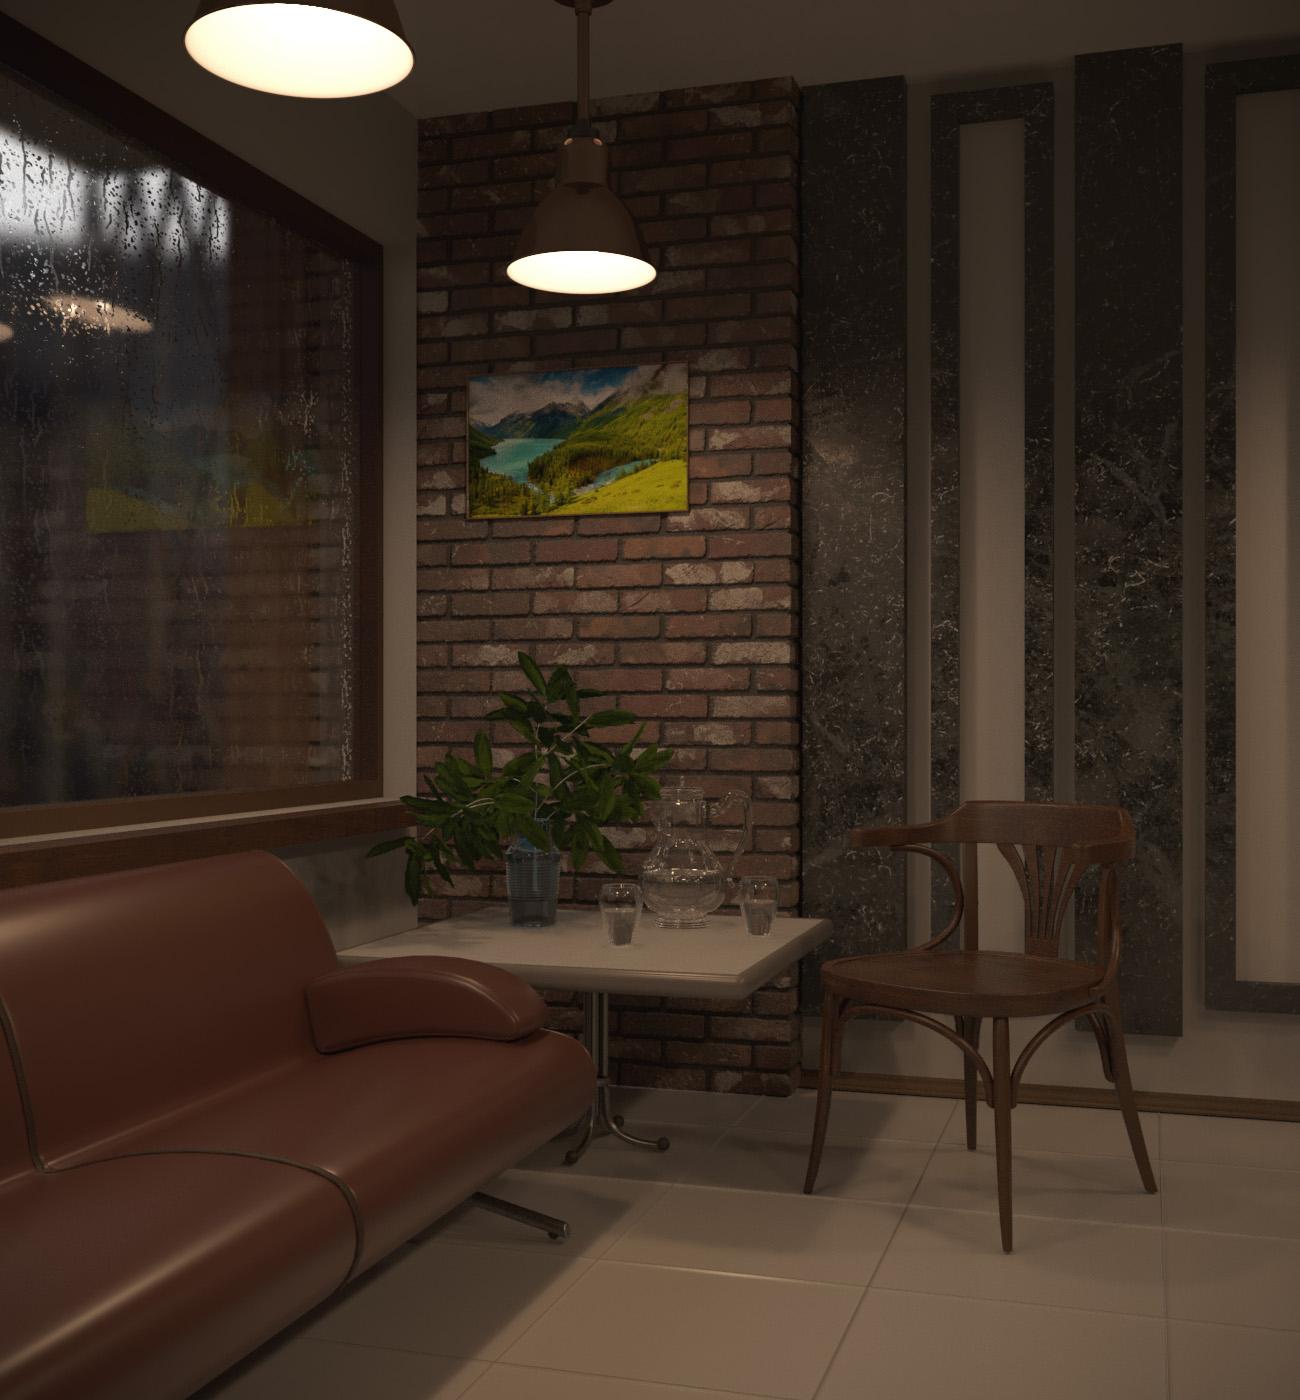 कैफे में बारिश का दिन 3d max corona render में प्रस्तुत छवि